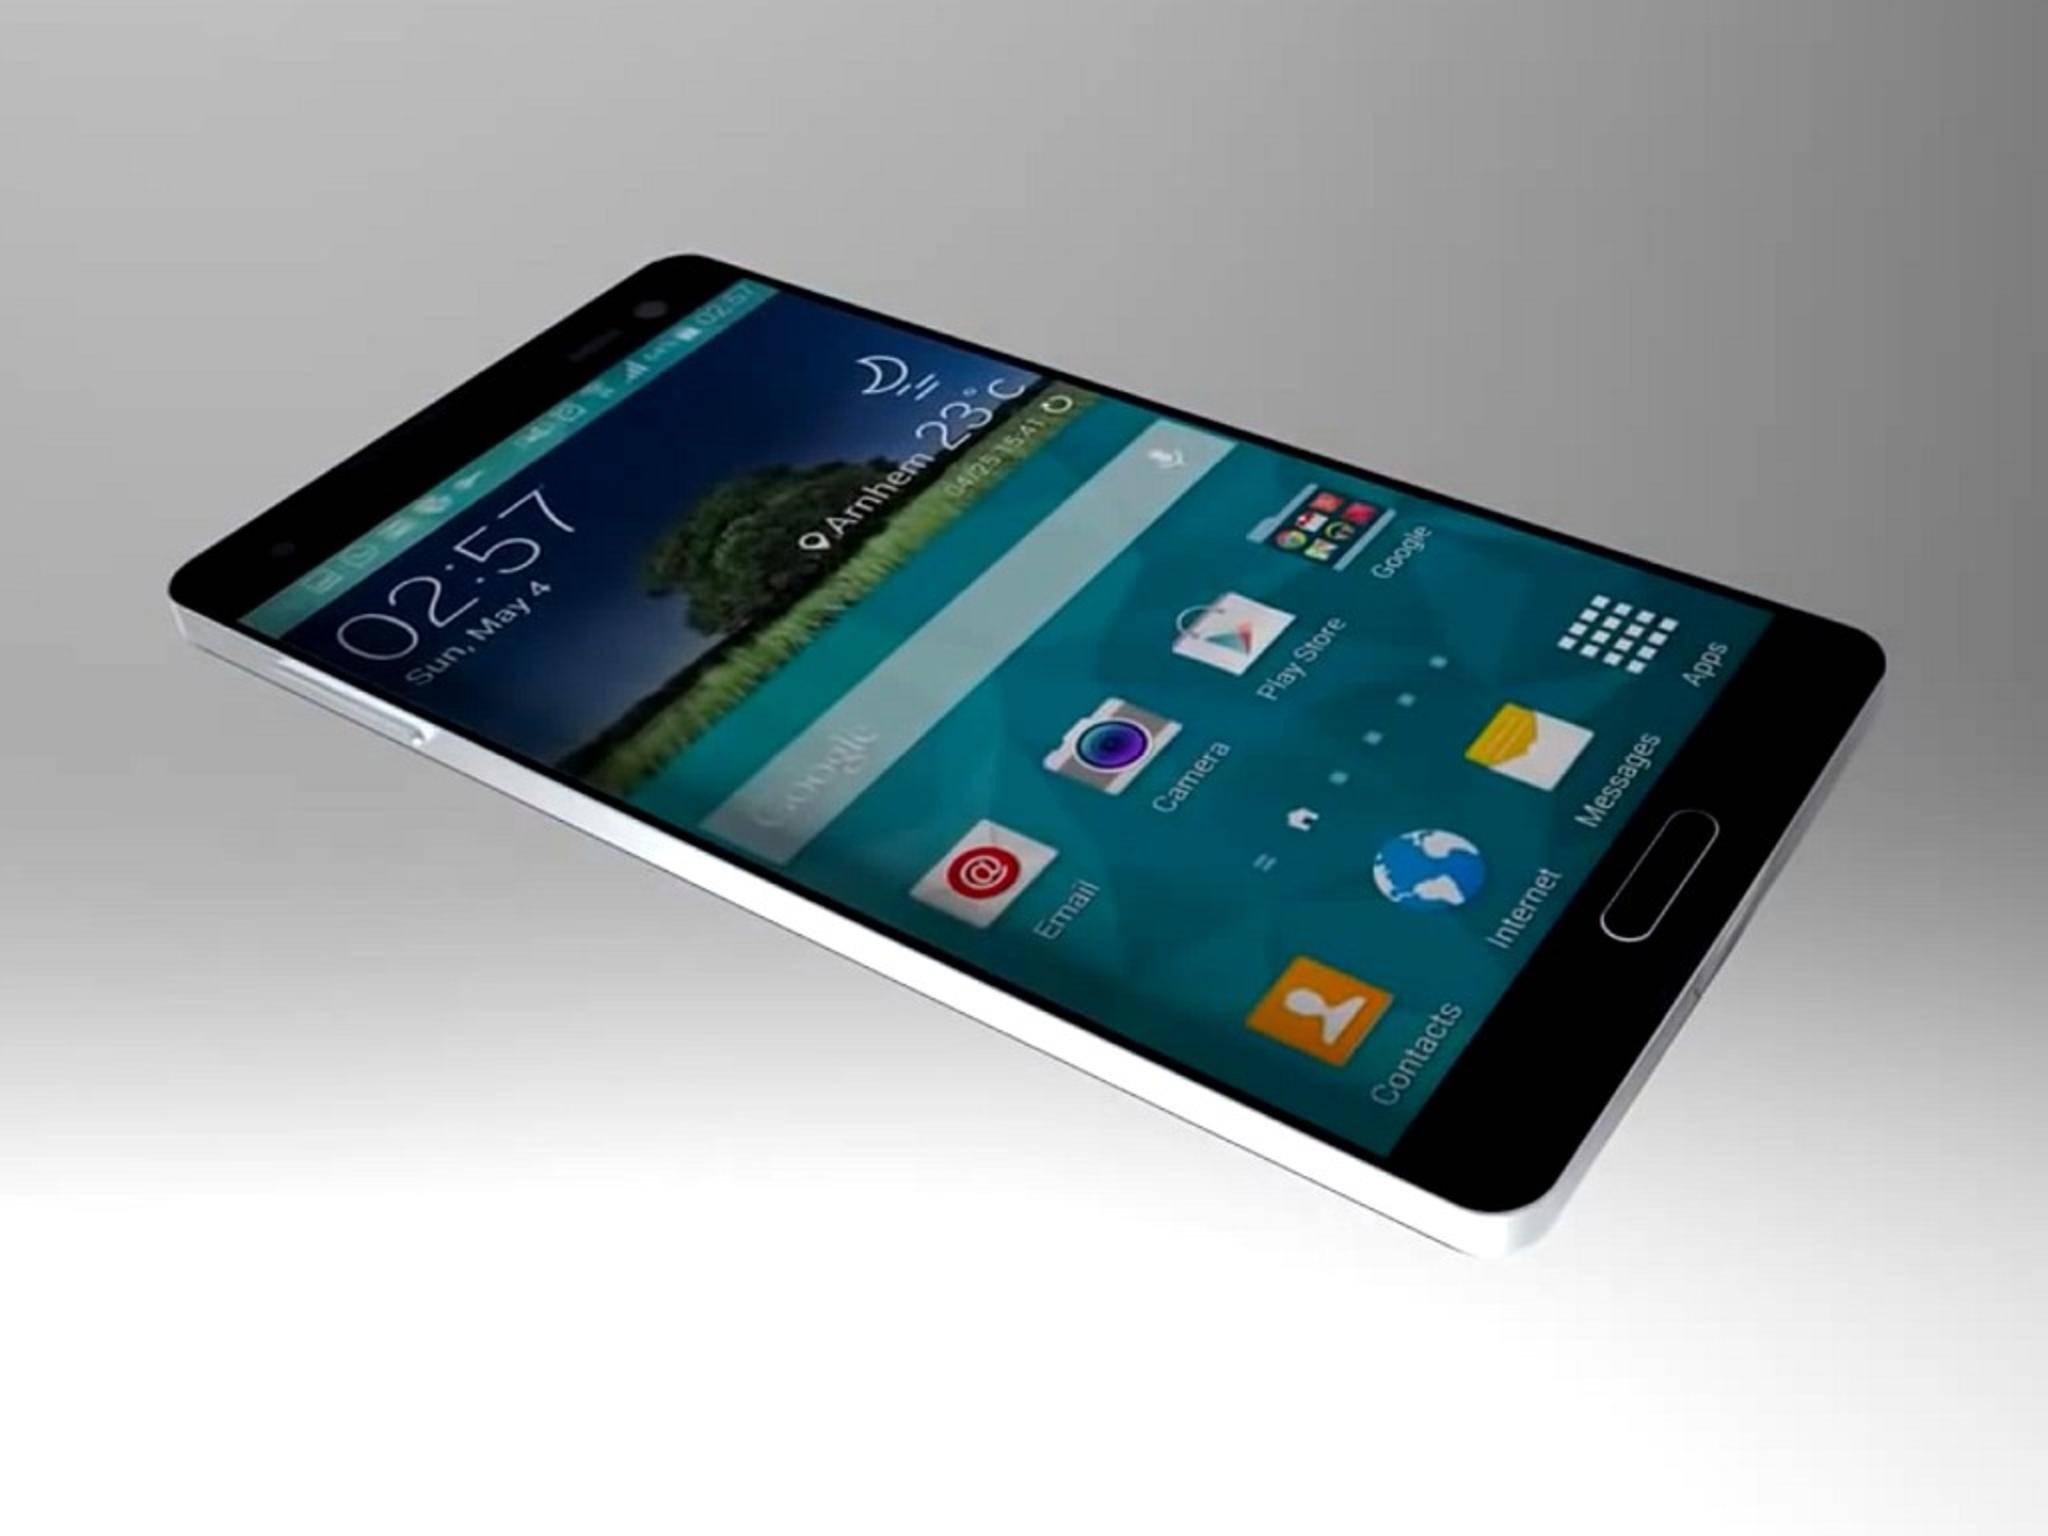 Entwurf auf YouTube: So könnte das Samsung Galaxy S6 aussehen – aber auch was drin steckt, ist noch nicht klar.